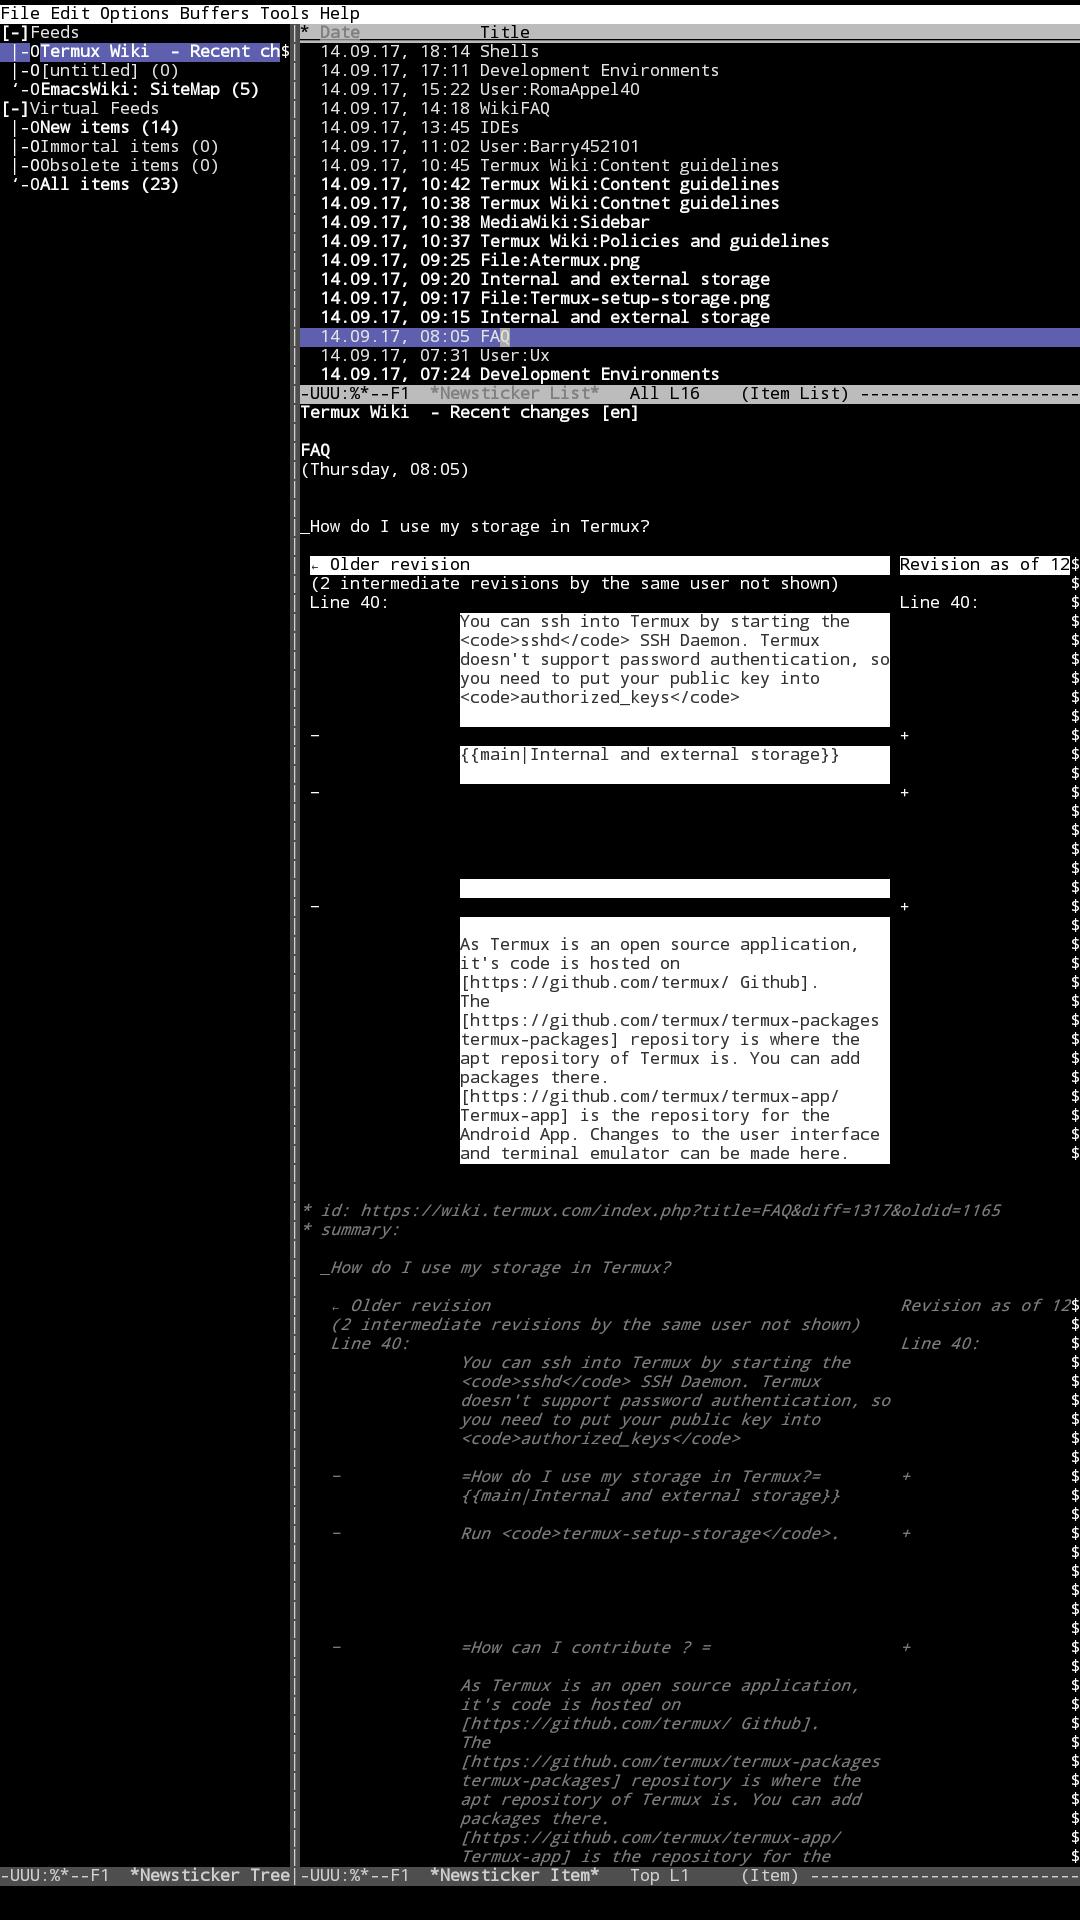 Newsticker - Termux Wiki